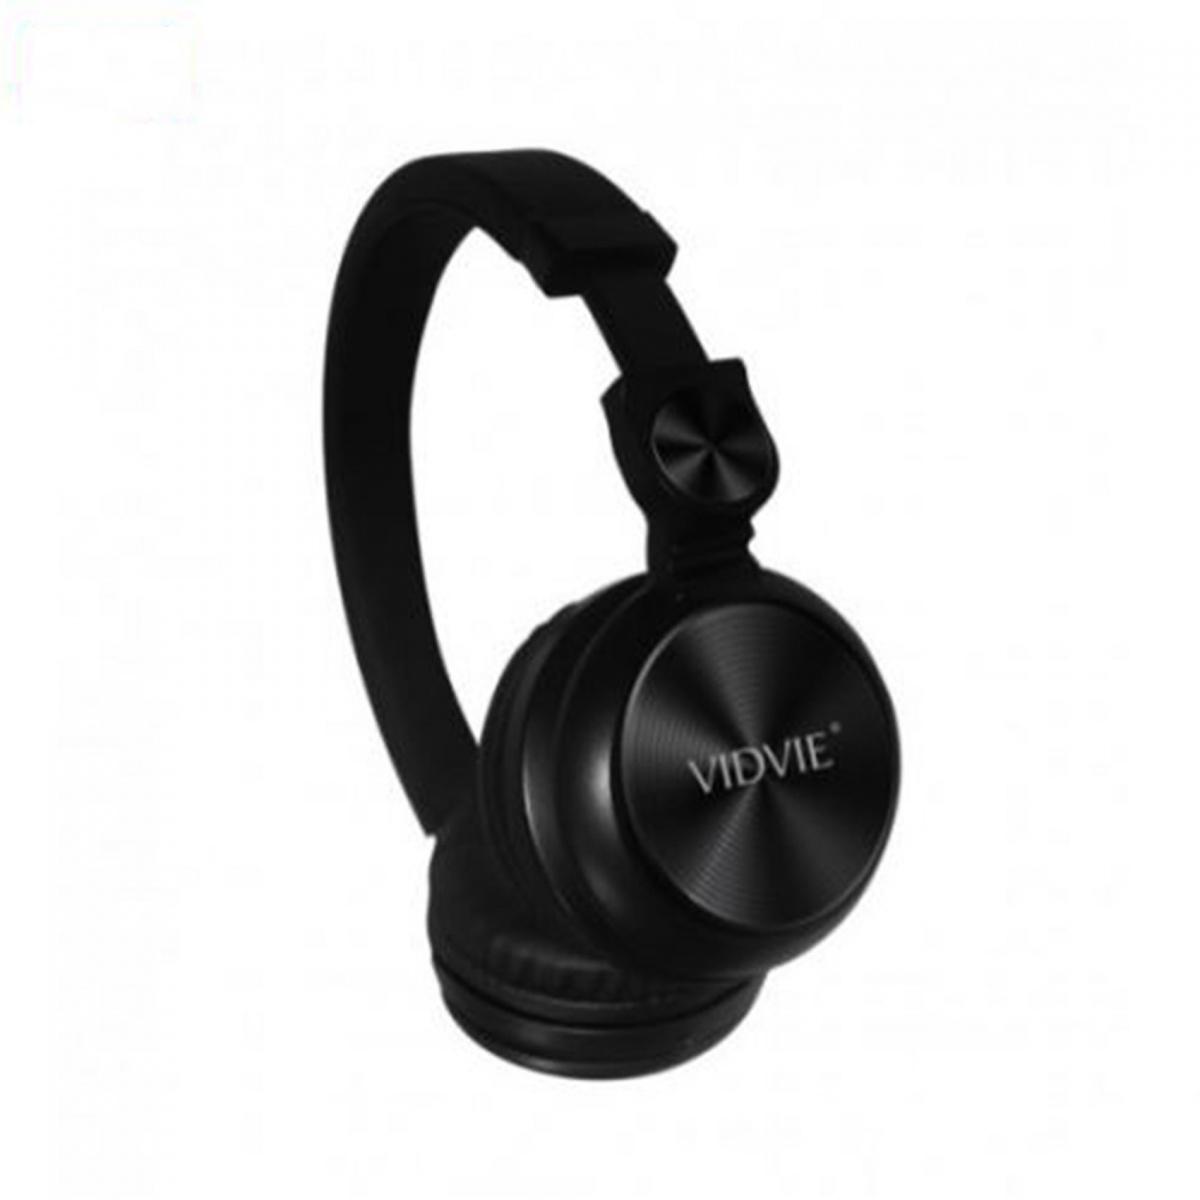 Vidvie HS617 Wired Headset - Black